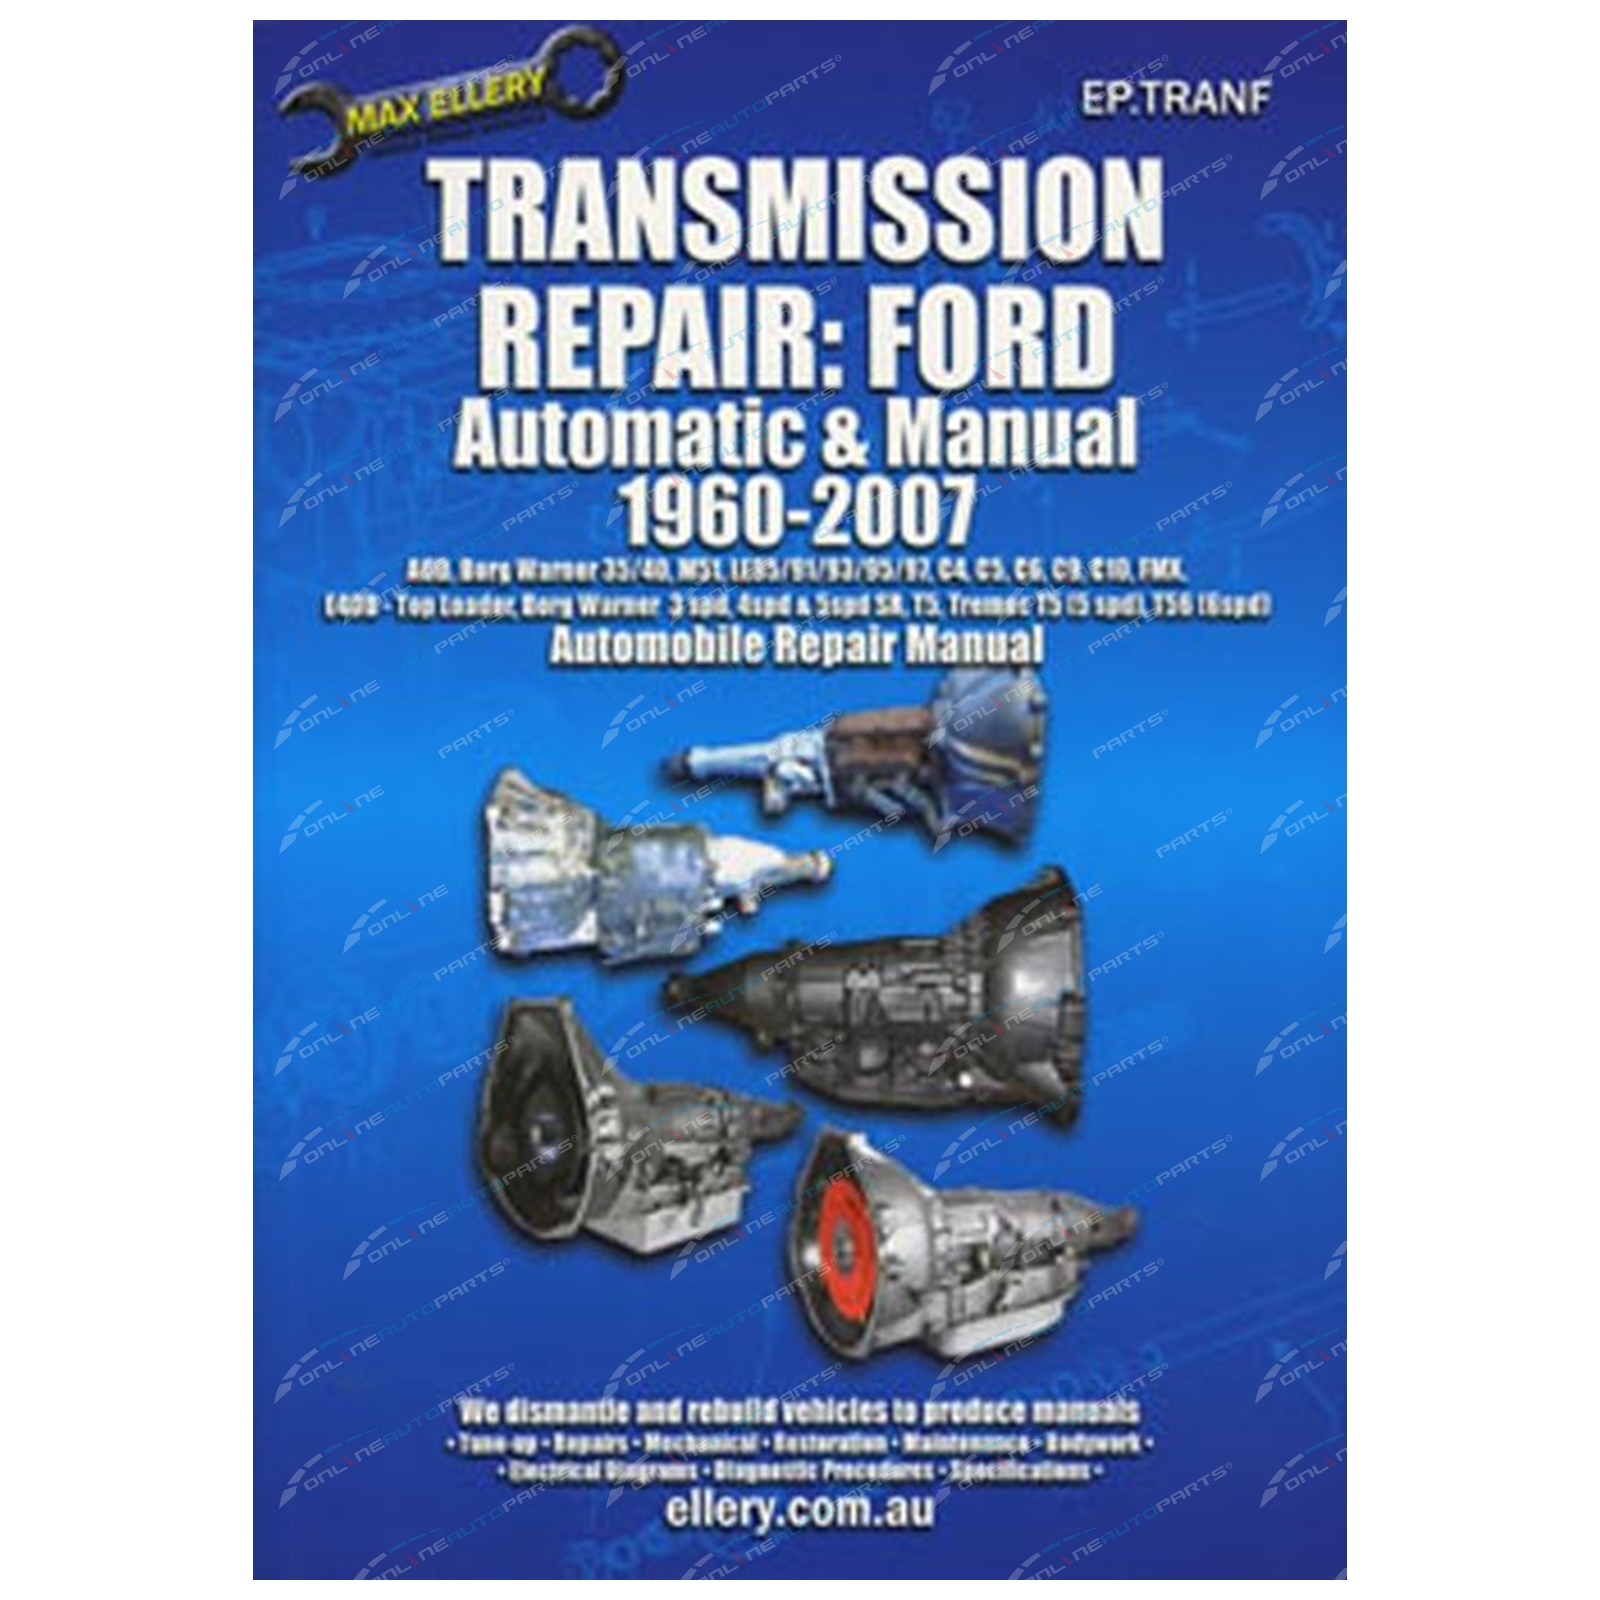 Ford Auto + Manual Transmission Repair Manual 1960-2007